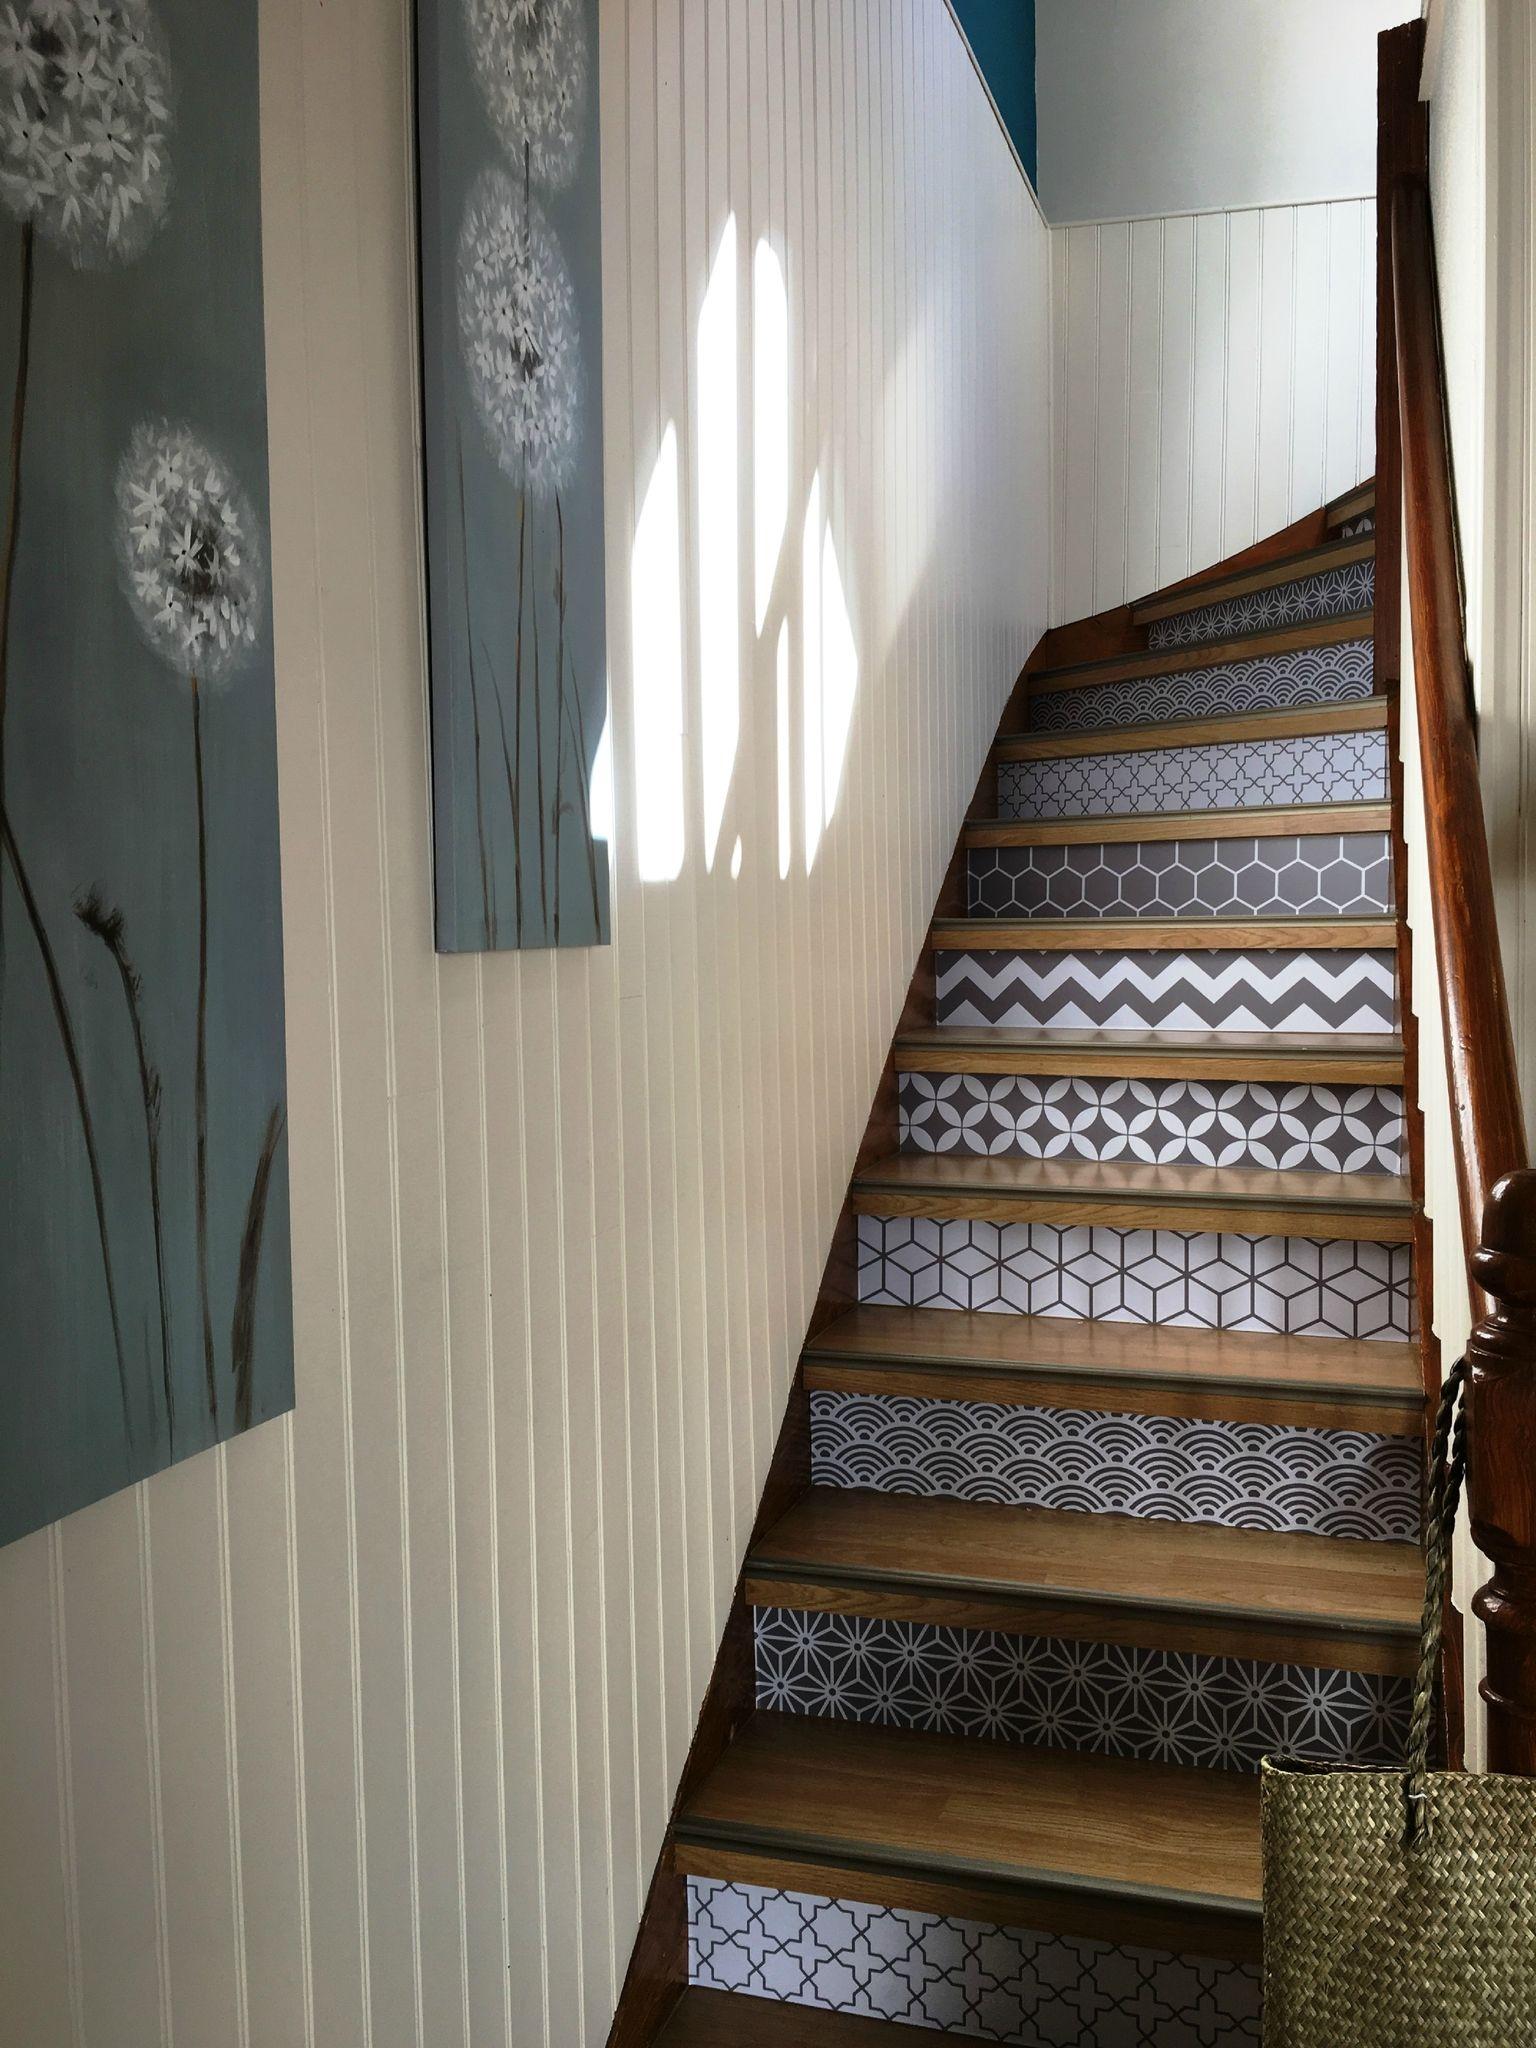 Une Id E Sympa Pour D Corer Un Escalier Refugelandingcool